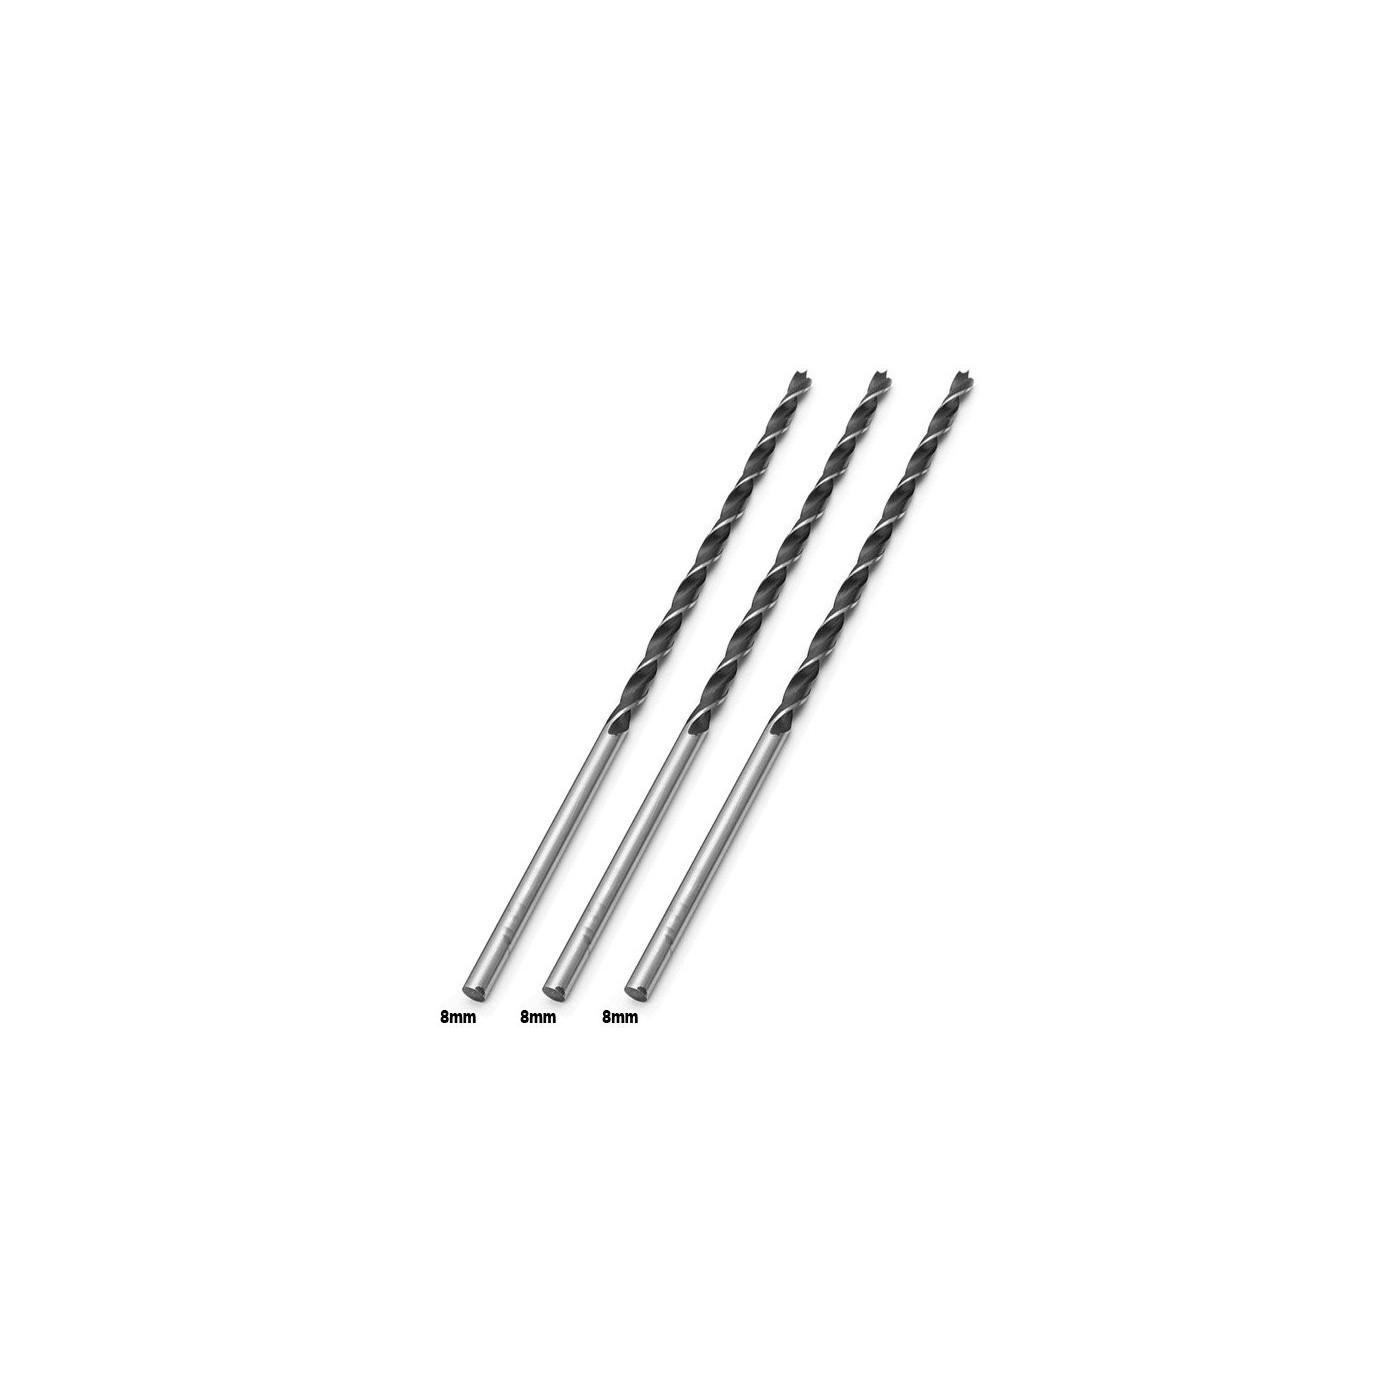 Jeu de 3 forets à bois extra longs (8x300 mm)